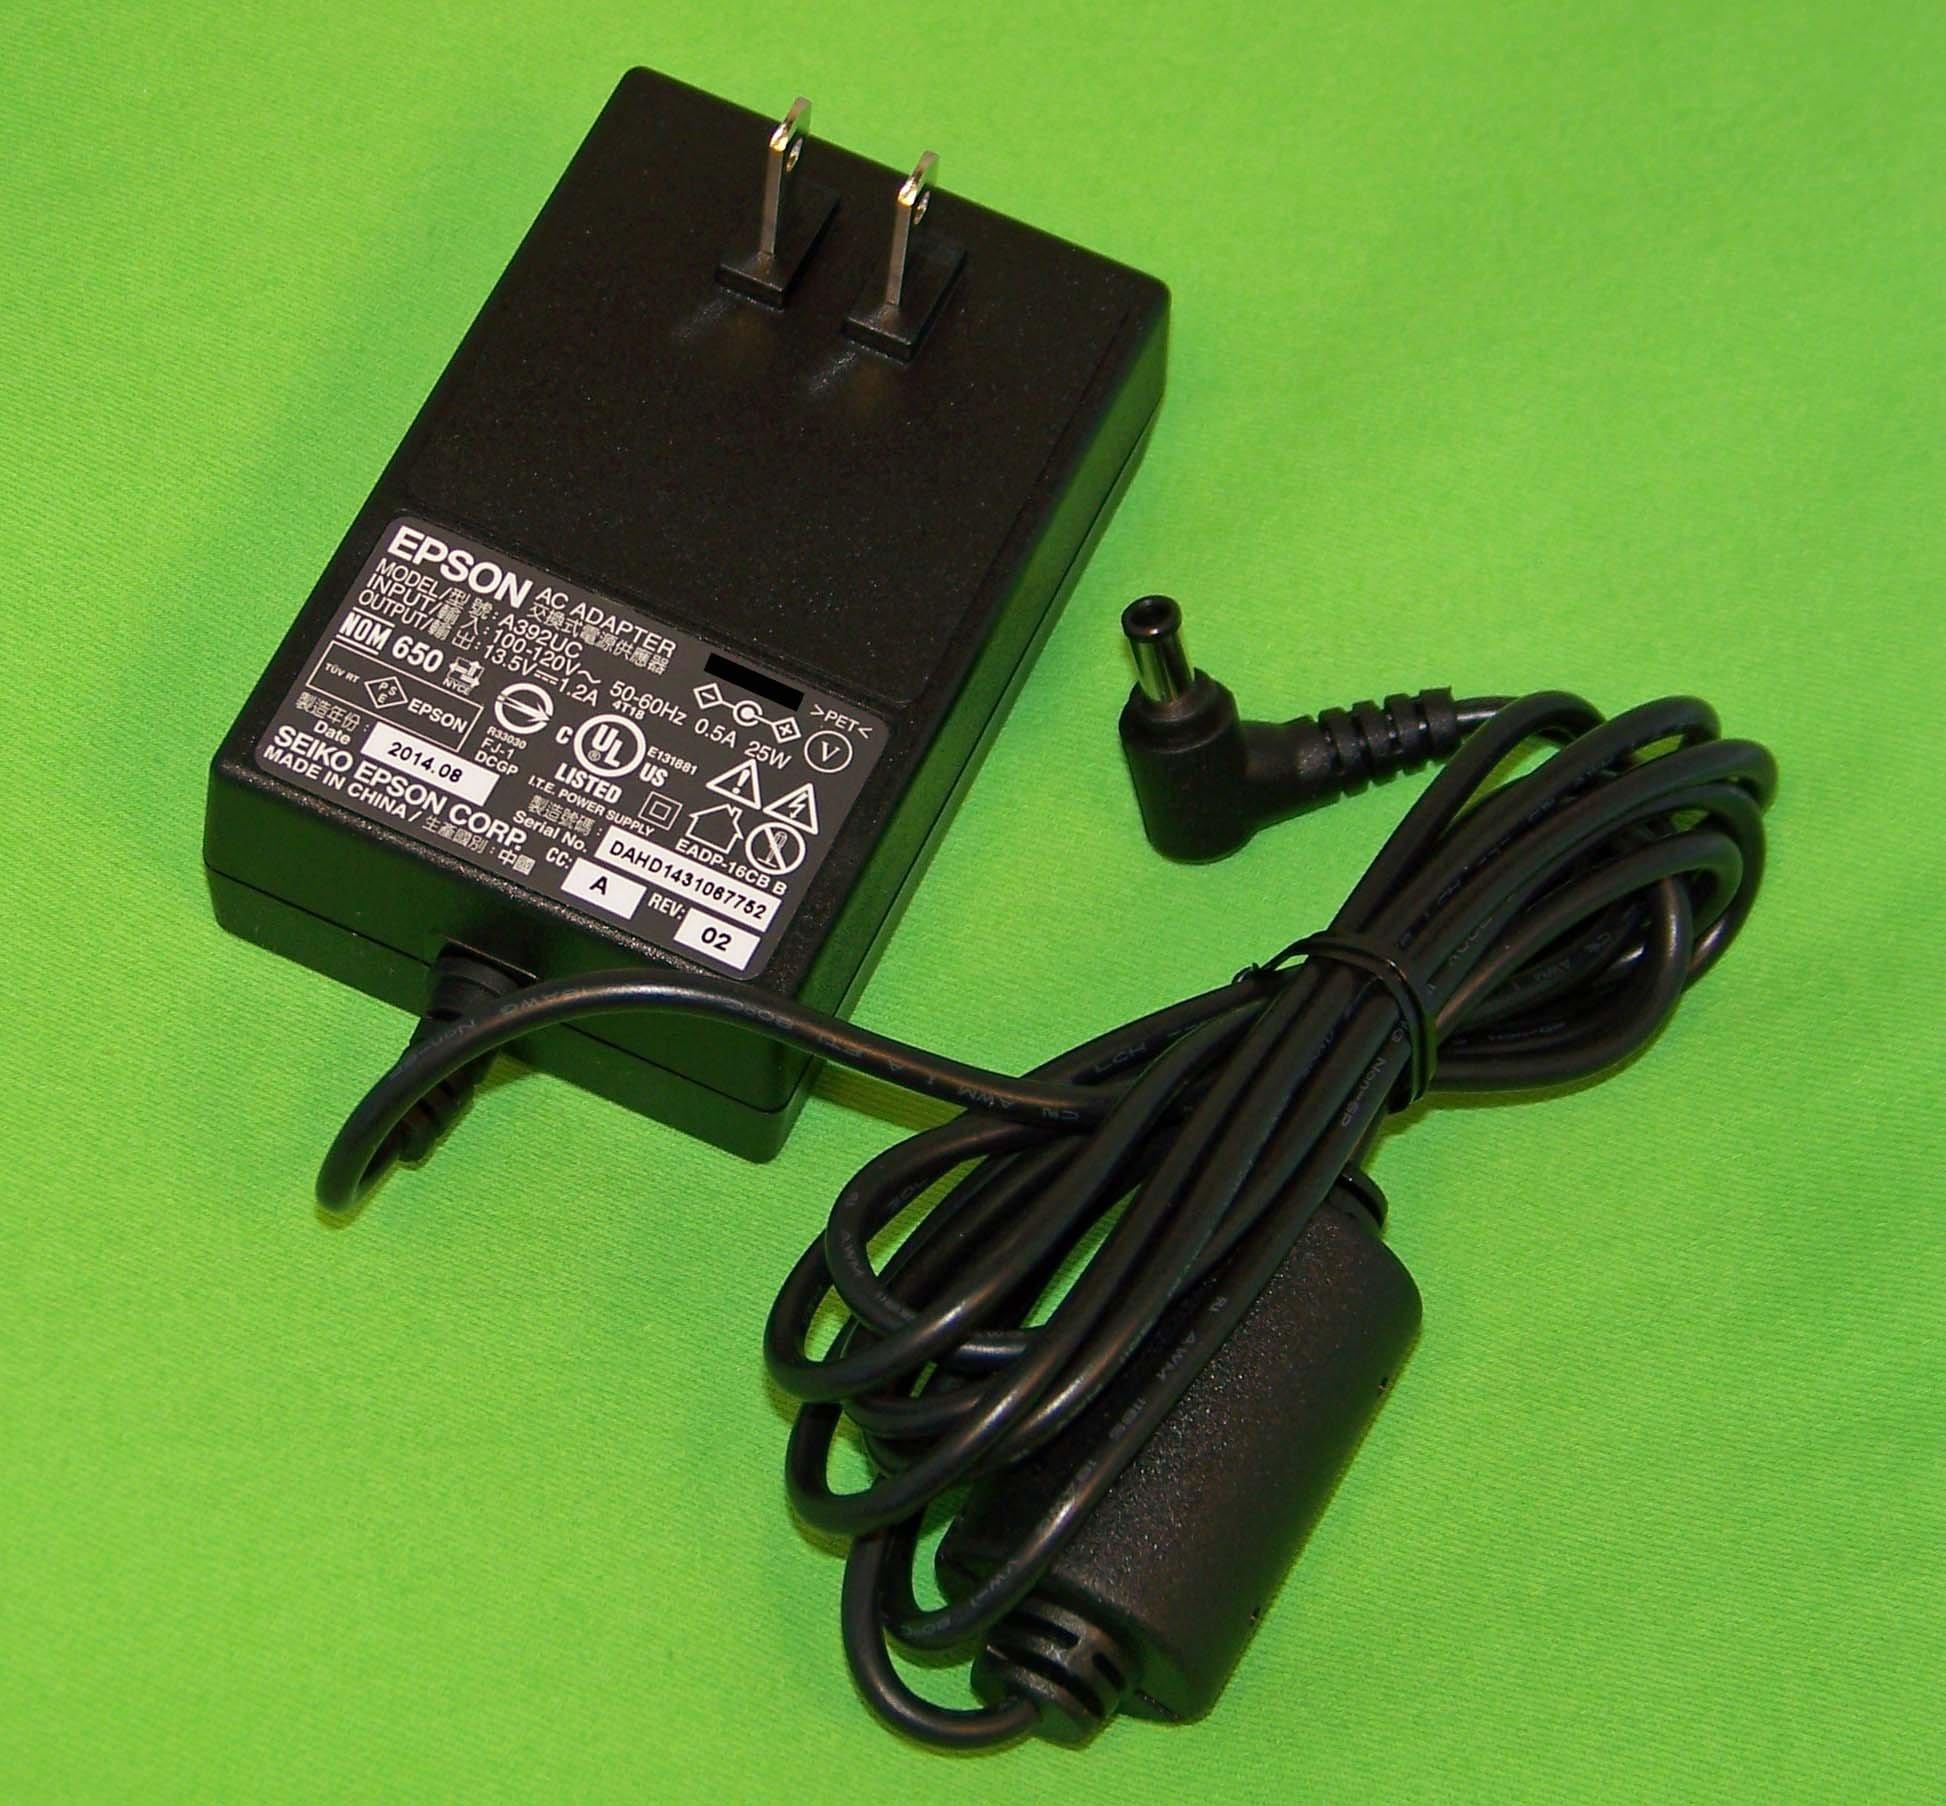 OEM Epson AC Adapter USA Only: Perfection V37, V370, V330, V33, V30, V300 by Epson